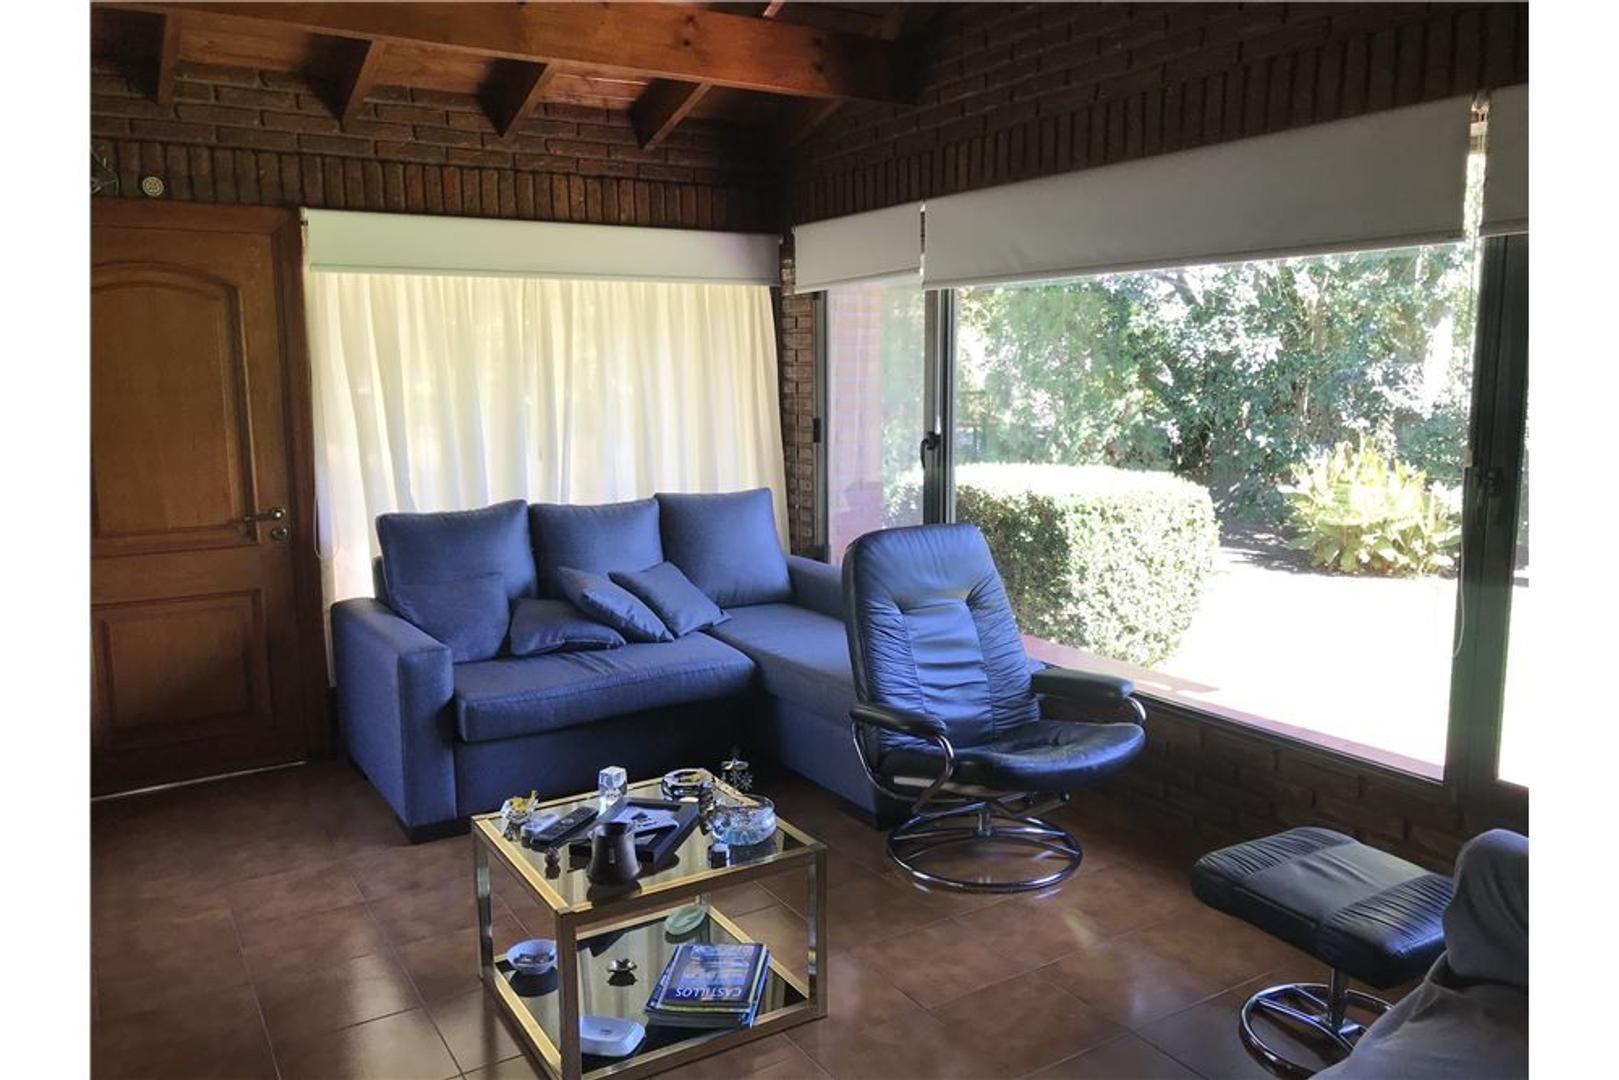 Casa - 120 m² | 3 dormitorios | 29 años